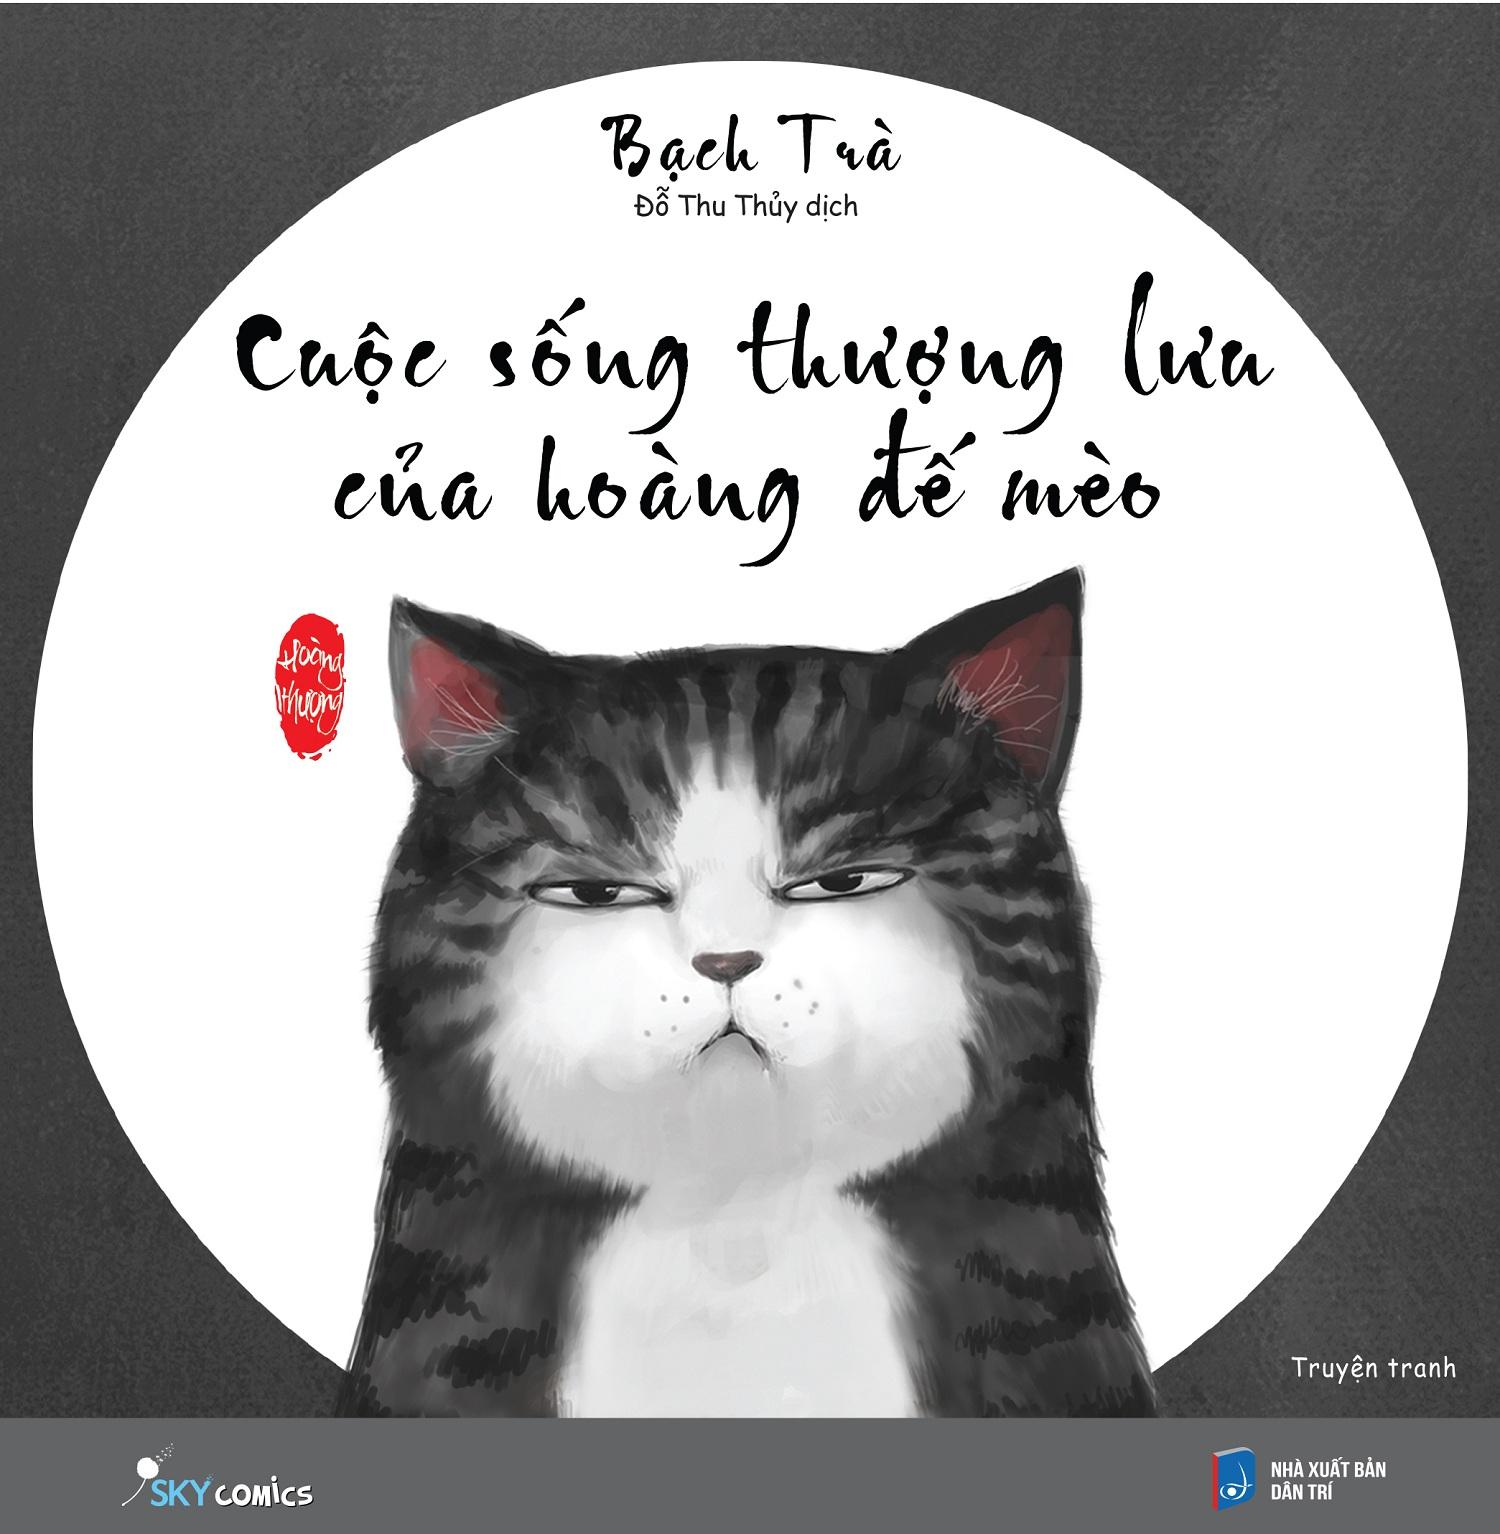 Cuộc Sống Thượng Lưu Của Hoàng Đế Mèo - 867338 , 2533455383339 , 62_289628 , 89000 , Cuoc-Song-Thuong-Luu-Cua-Hoang-De-Meo-62_289628 , tiki.vn , Cuộc Sống Thượng Lưu Của Hoàng Đế Mèo